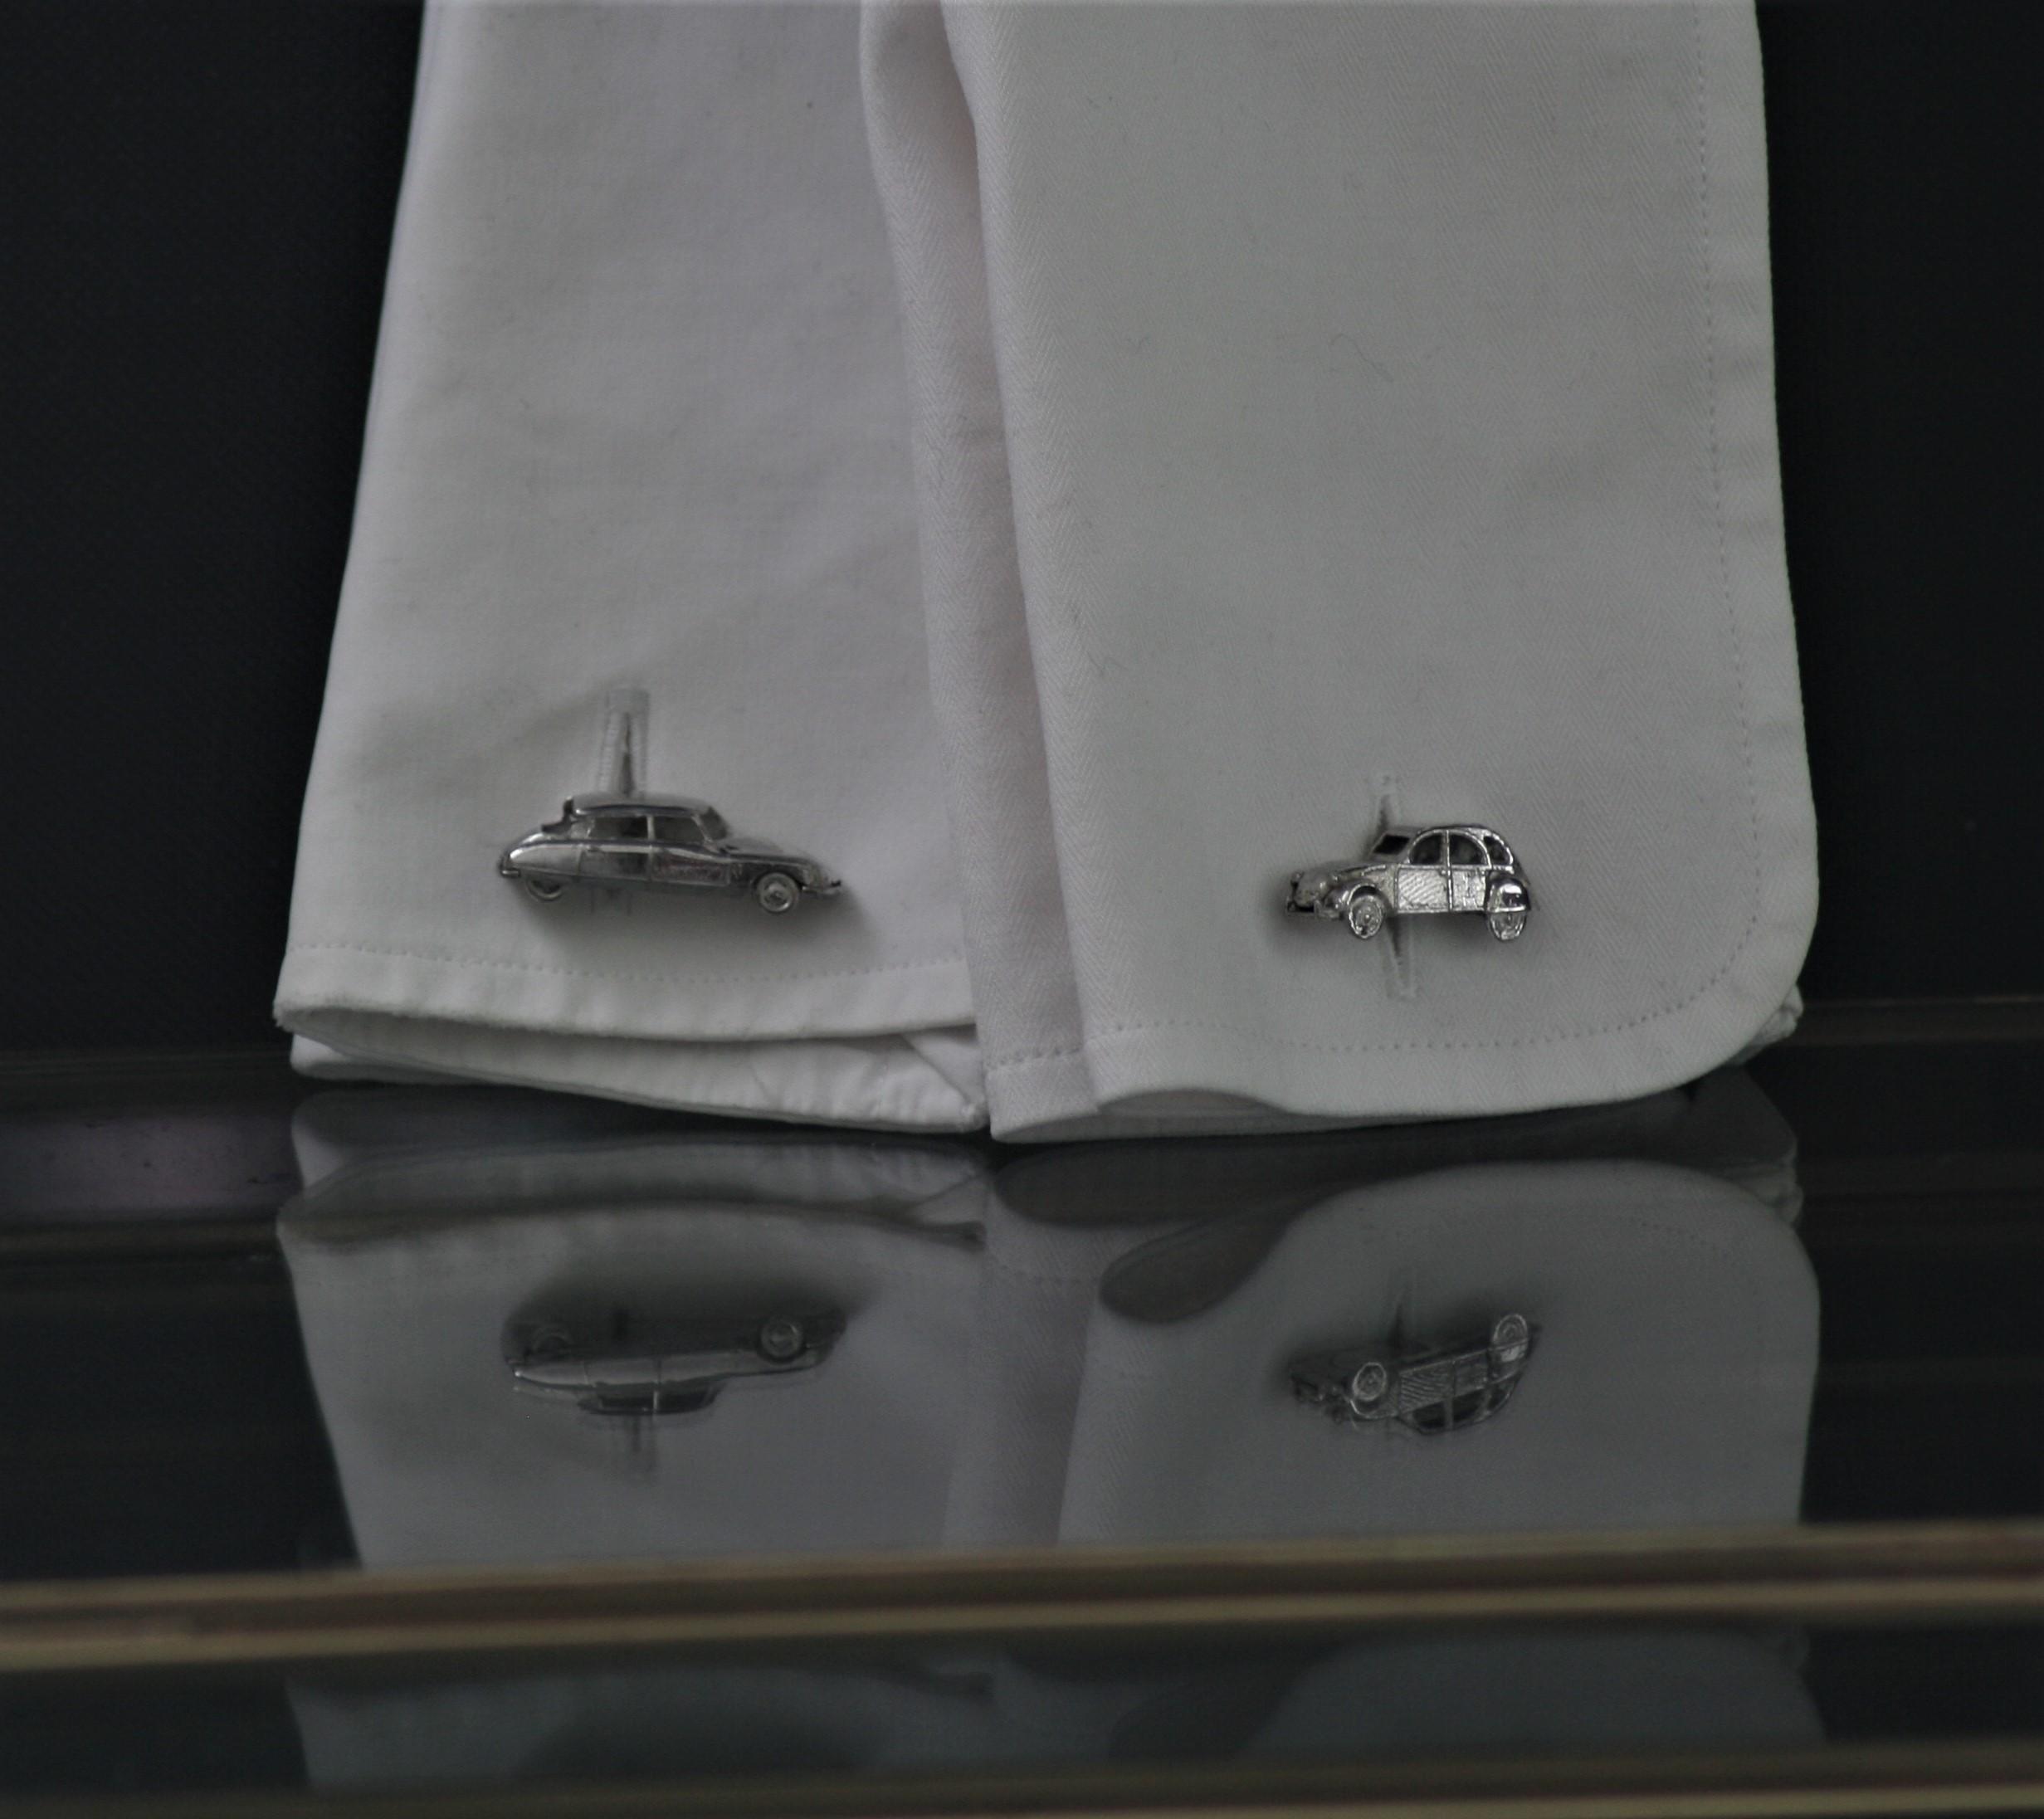 Zilveren manchetknopen van de Citroen DS en 2cv miniatuur 1:160